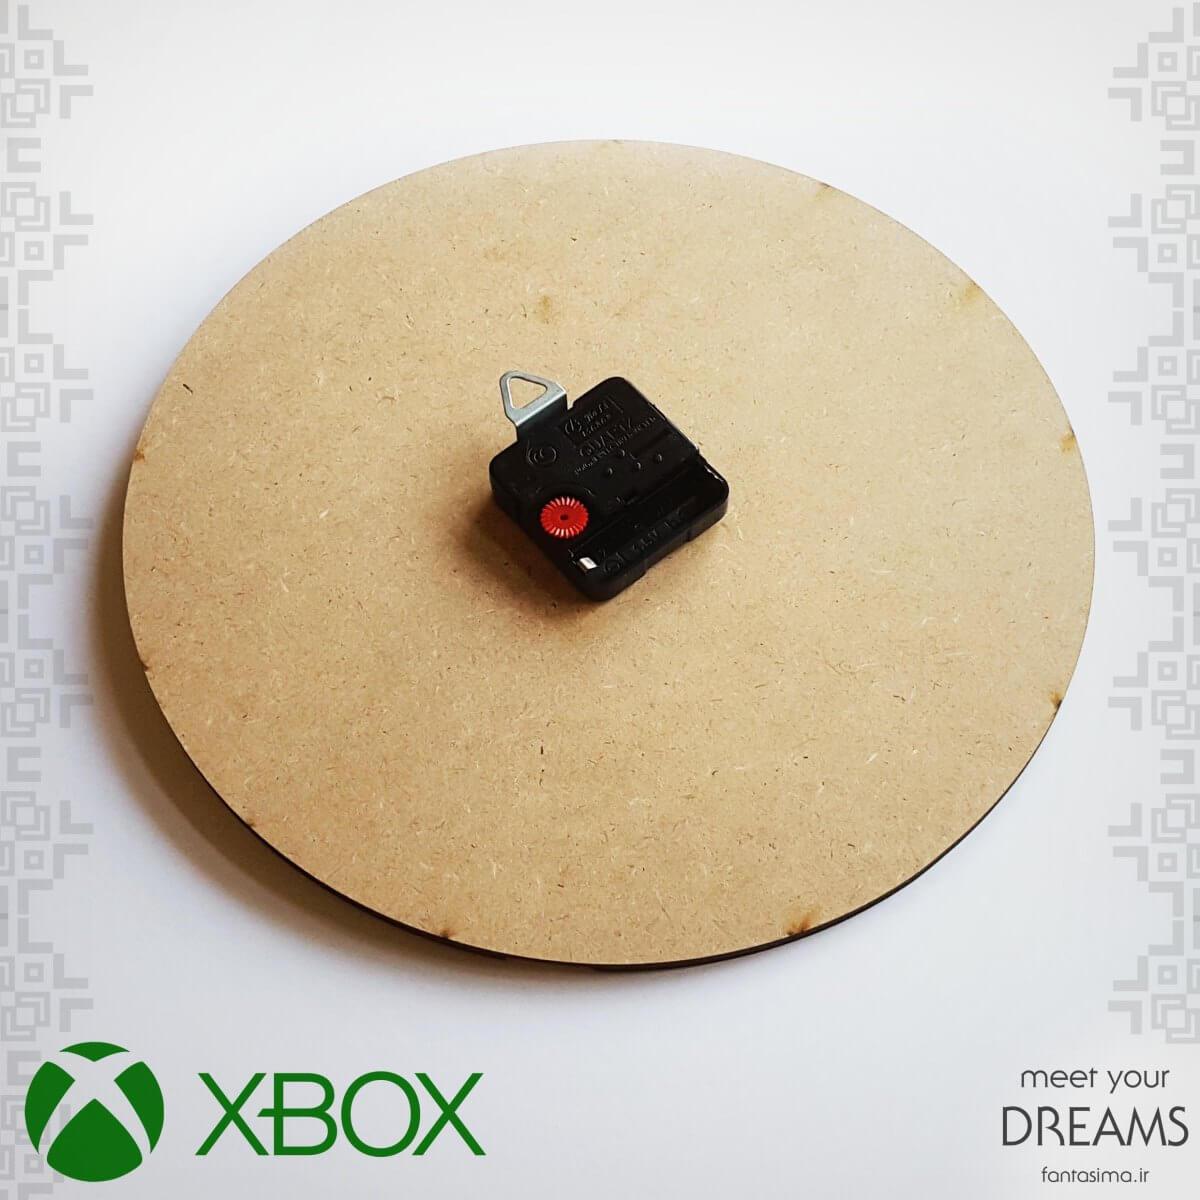 فانتزیآرت ساعت نماد xbox